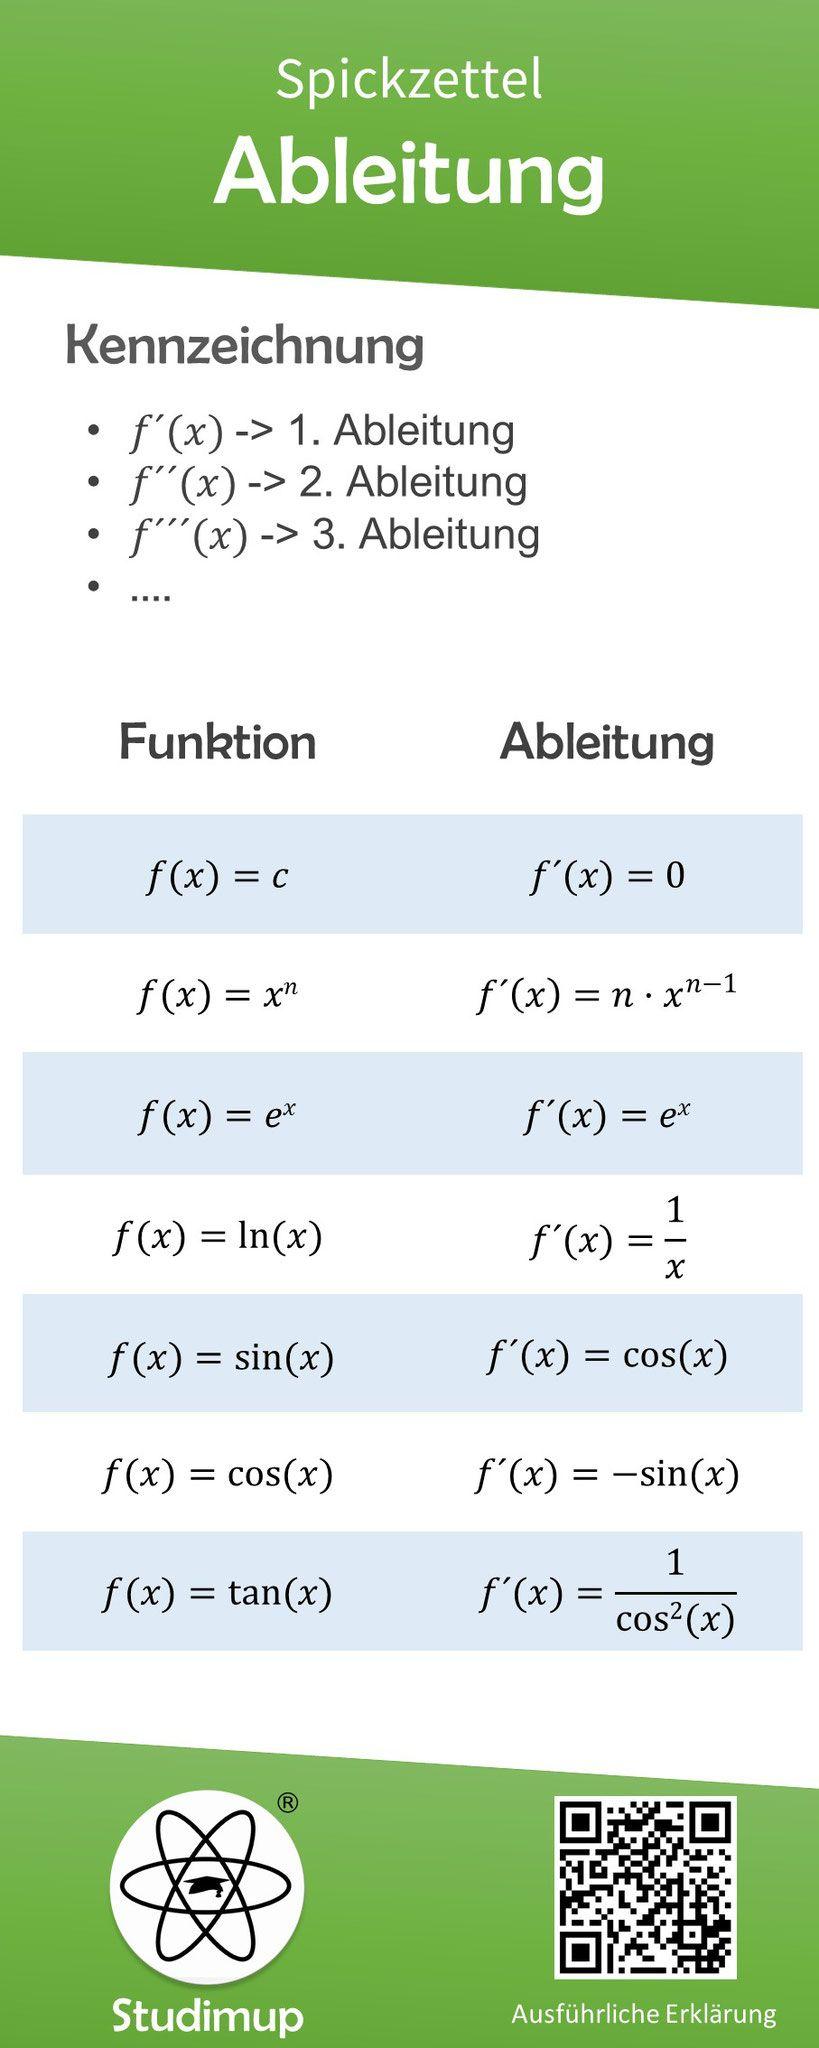 Mathe Spickzettel - Studimup.de   Nachhilfe mathe